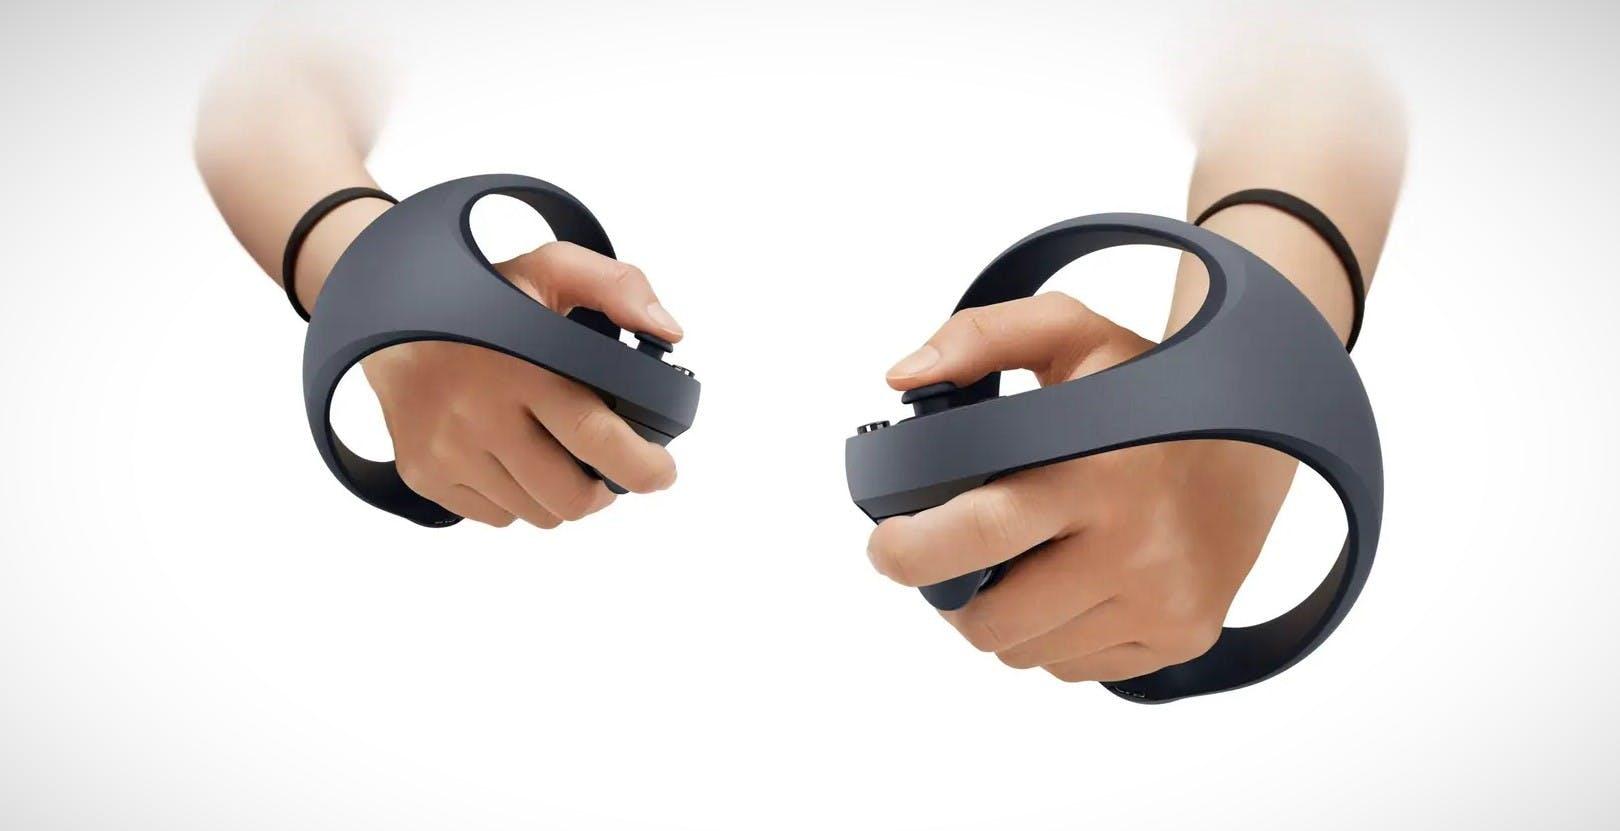 Il controller per il visore VR per PS5 impara da Oculus Quest: sferico e più ergonomico